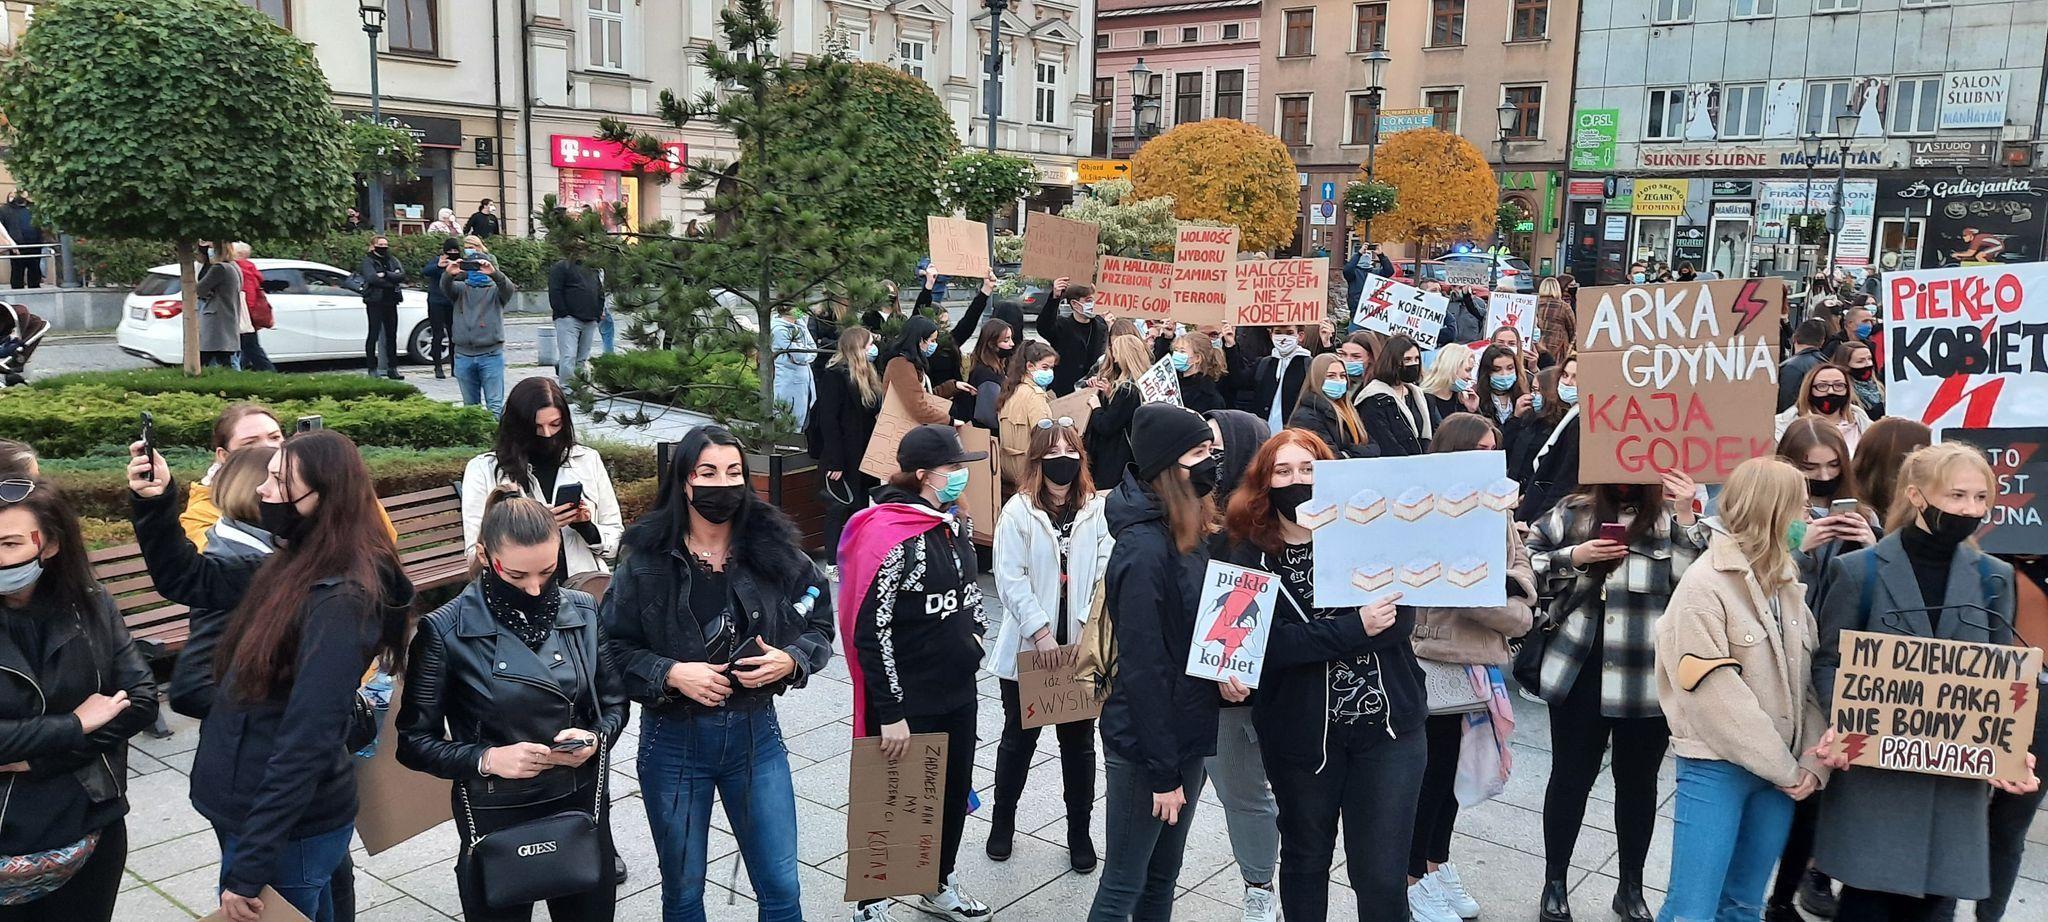 W piątek i sobotę szykuje się kolejna fala protestów w kraju i w regionie